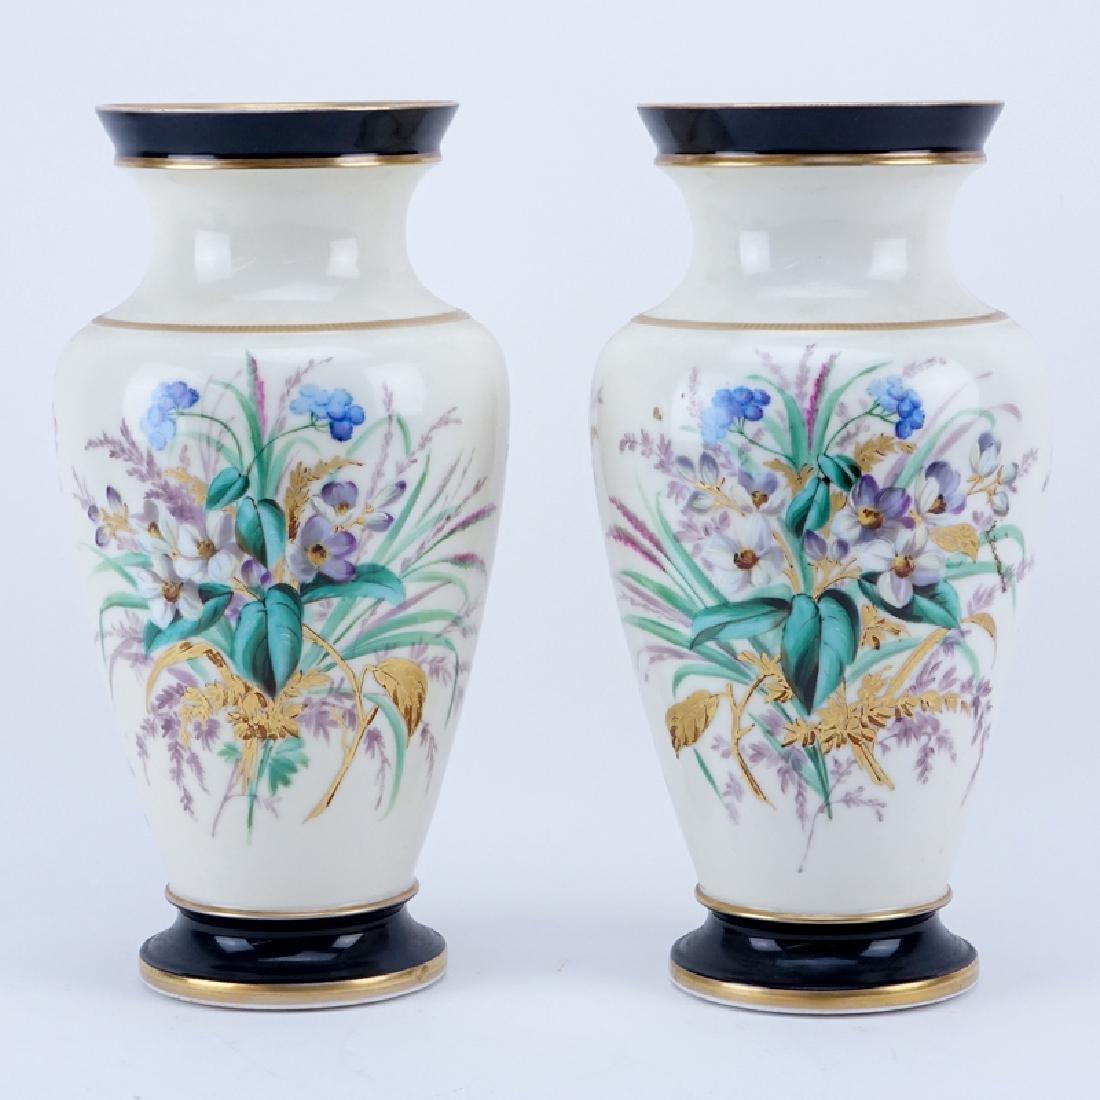 Pair of Vintage Old Paris Handpainted Porcelain Vases.